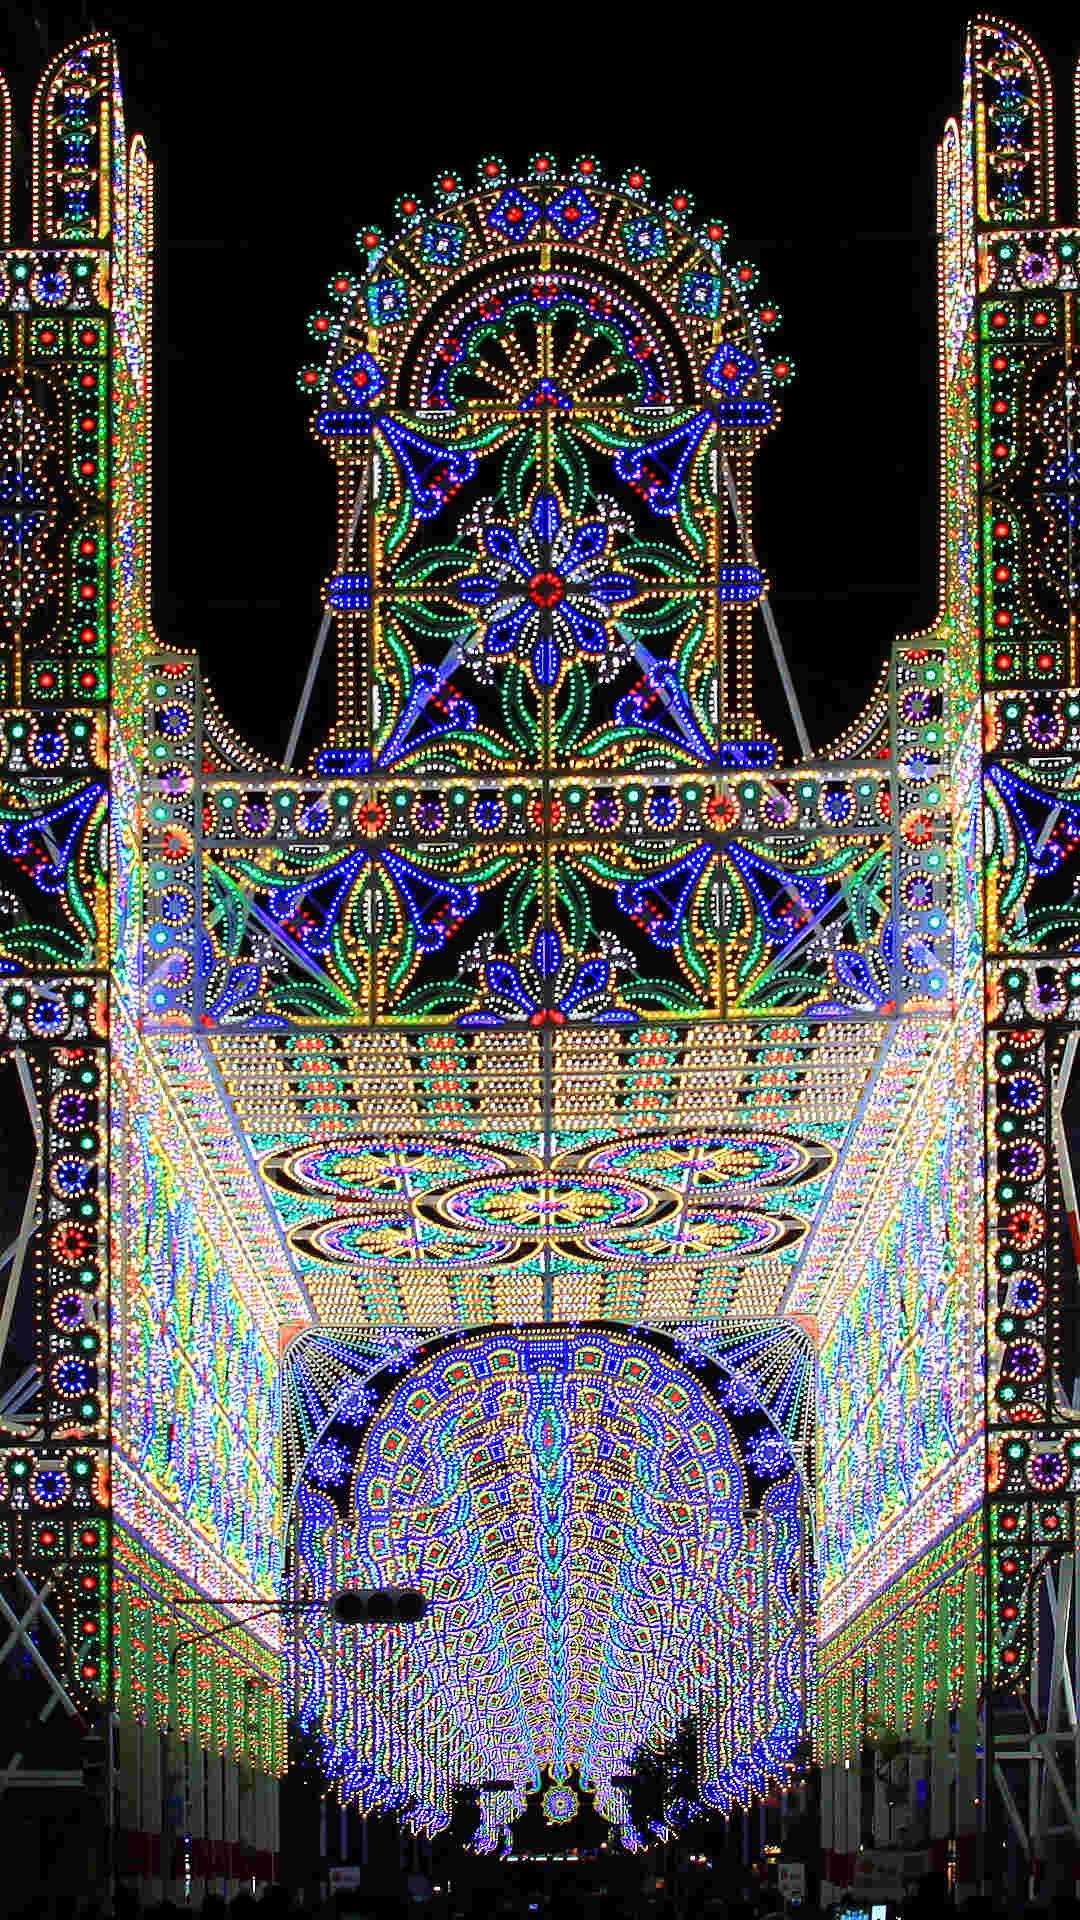 スマホ壁紙 神戸ルミナリエ16 スマホ用高画質壁紙写真 無料壁紙 フルhd 19 1080px